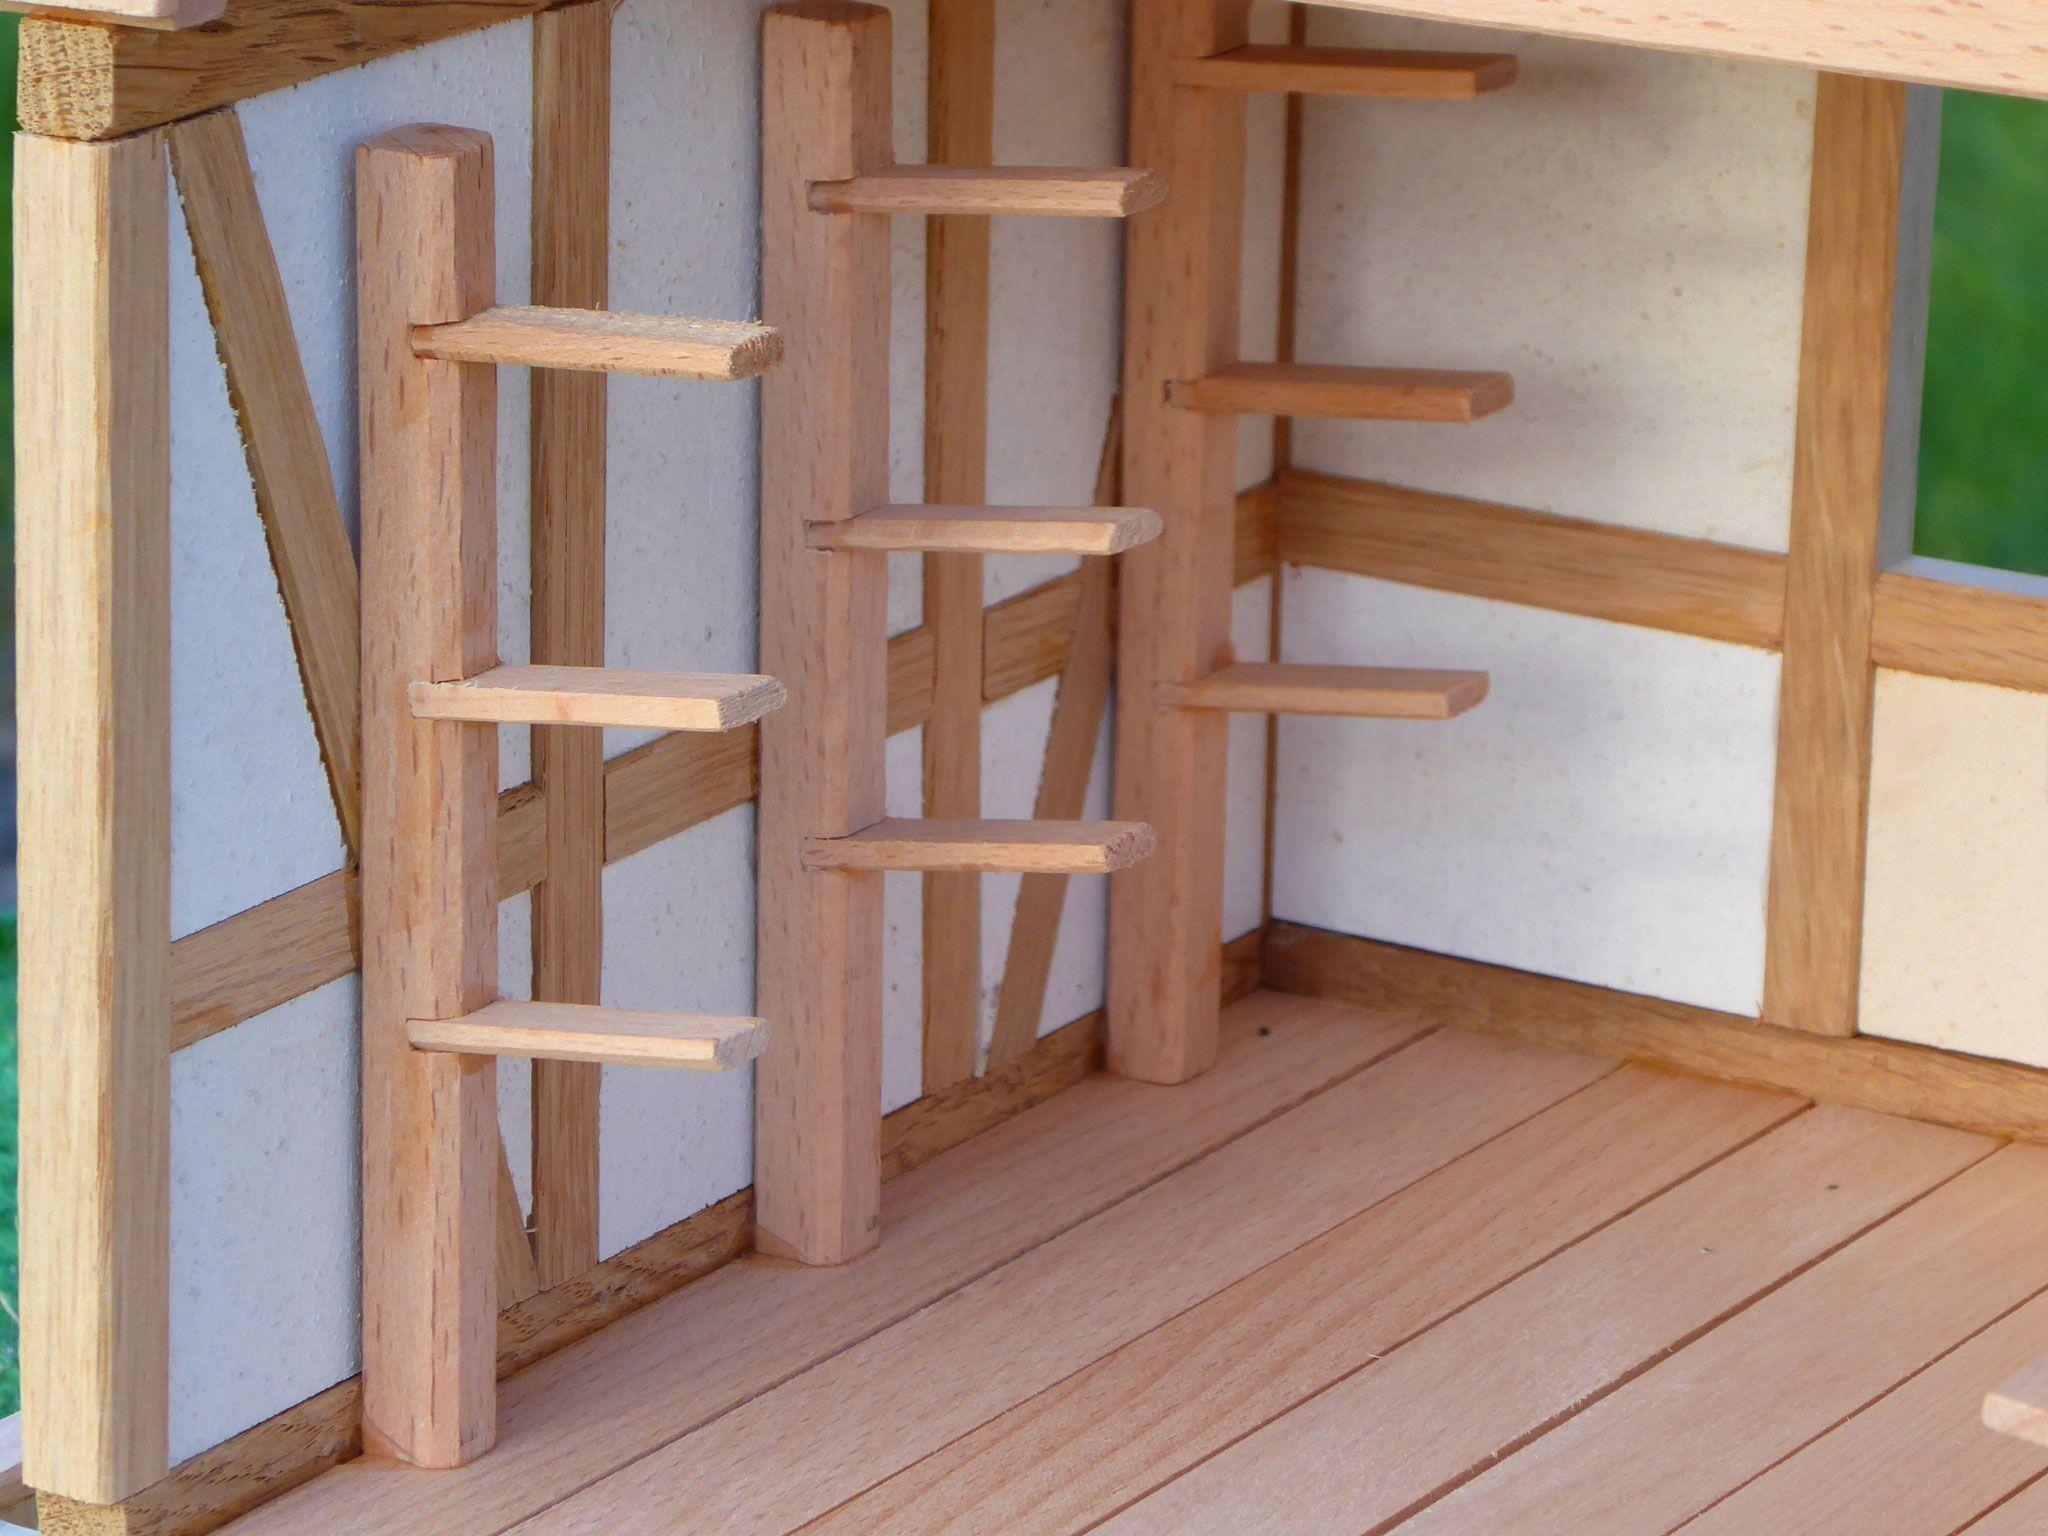 neu die gro e sattelkammer aus holz f r schleich pferde und andere modellpferde basteln. Black Bedroom Furniture Sets. Home Design Ideas